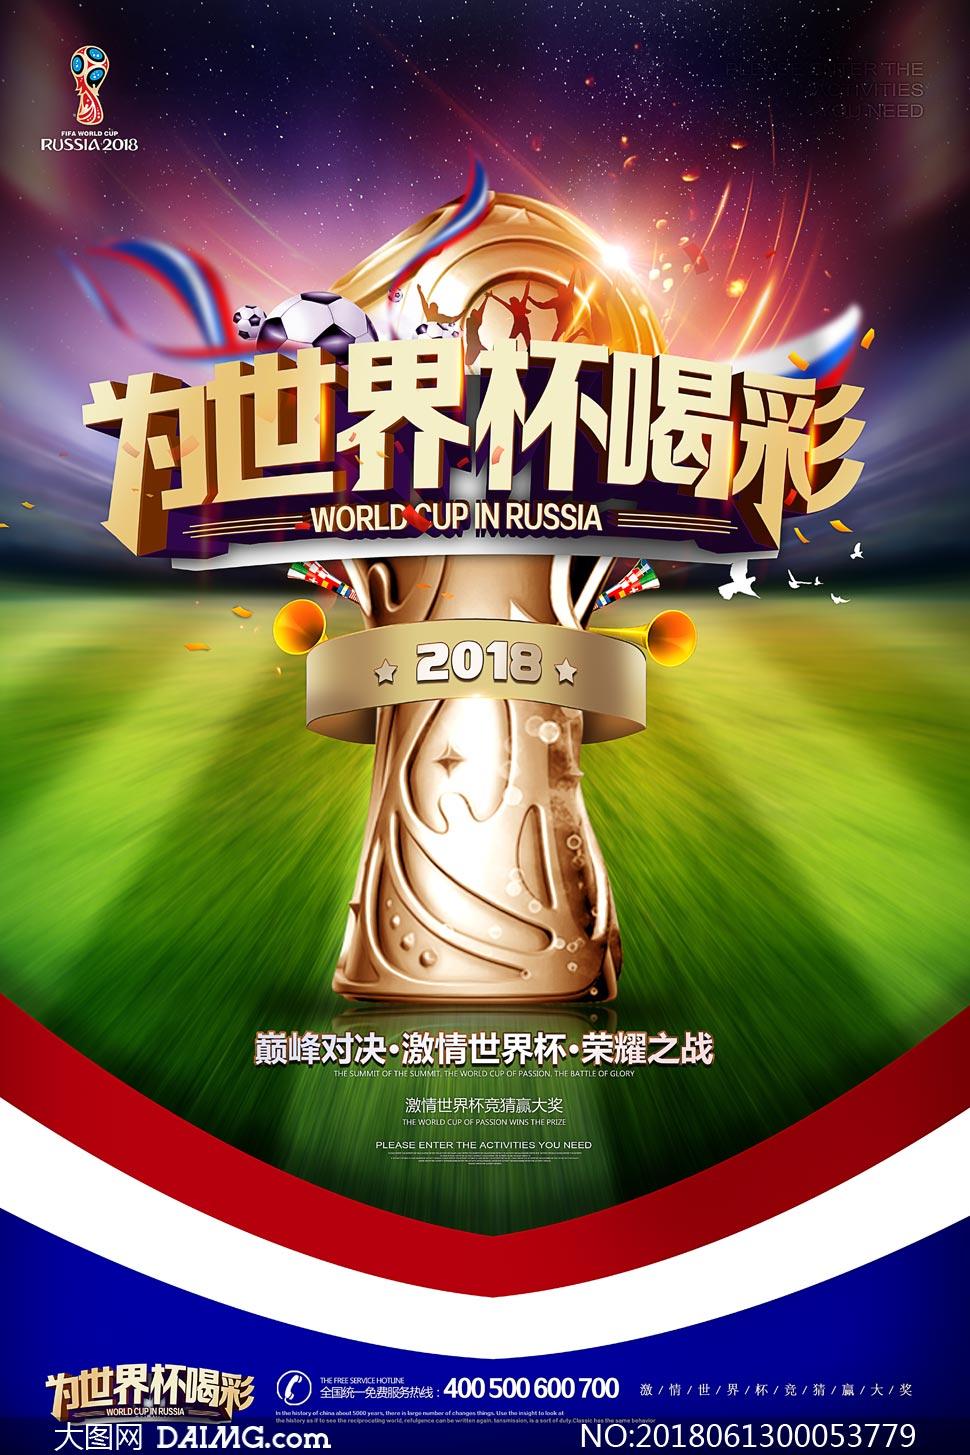 为世界杯喝彩宣传海报设计PSD模板